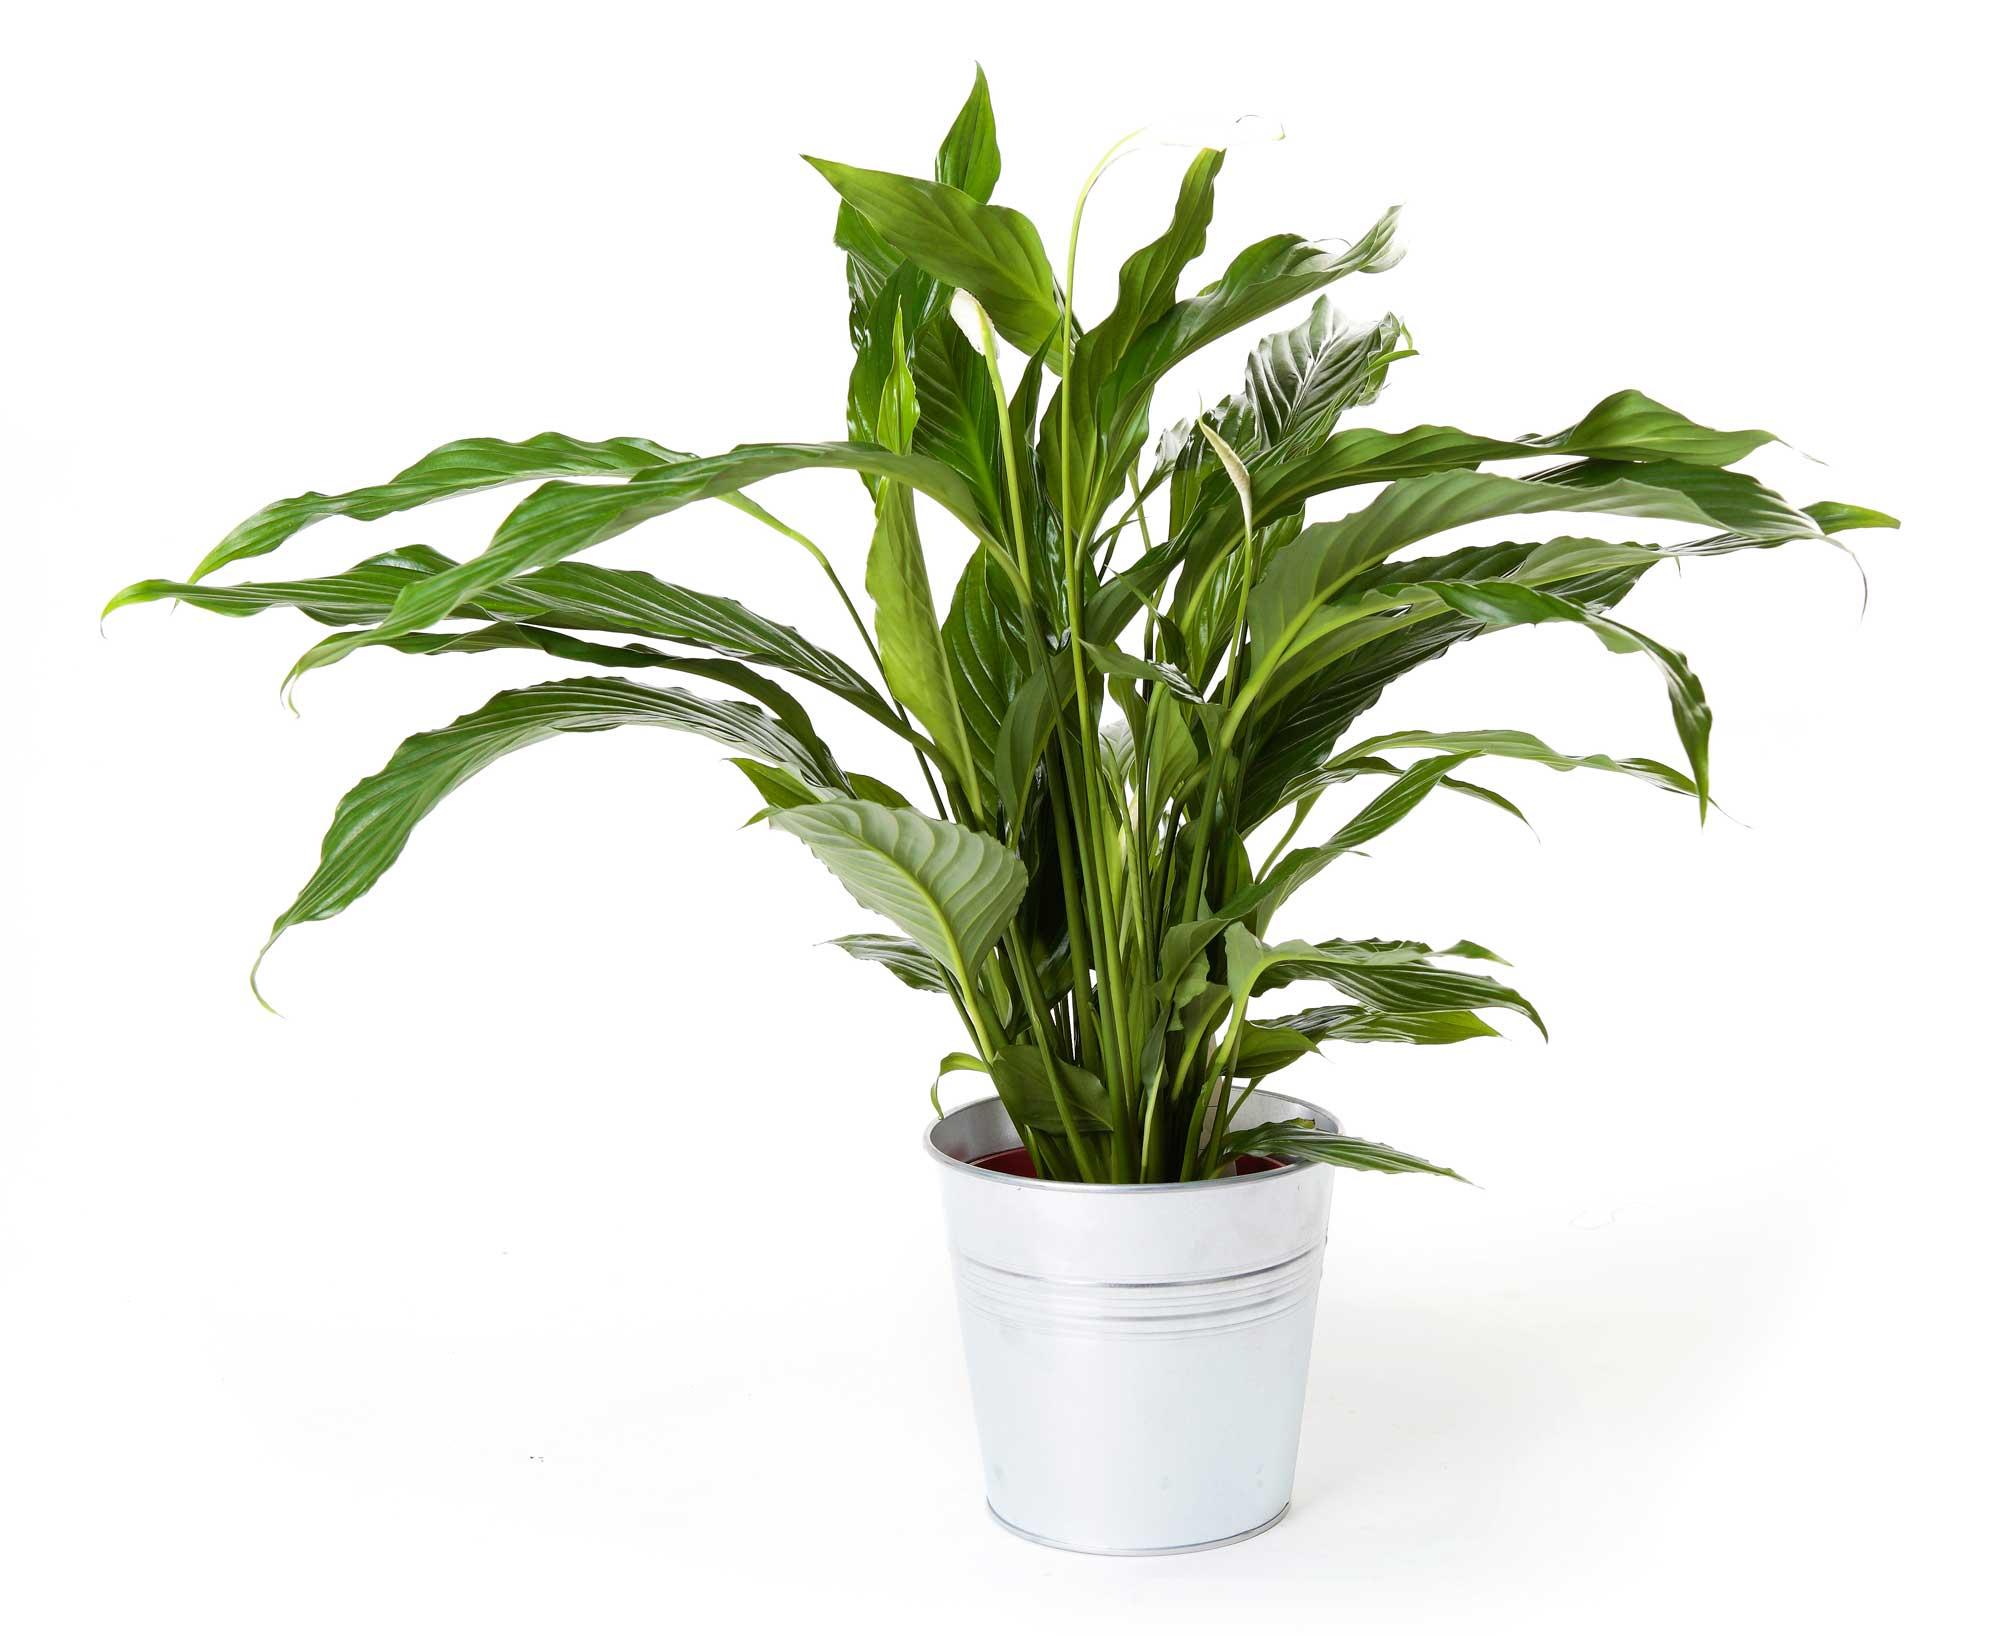 Planta spatifilium regalos plantas de interior - Plantas grandes de interior ...